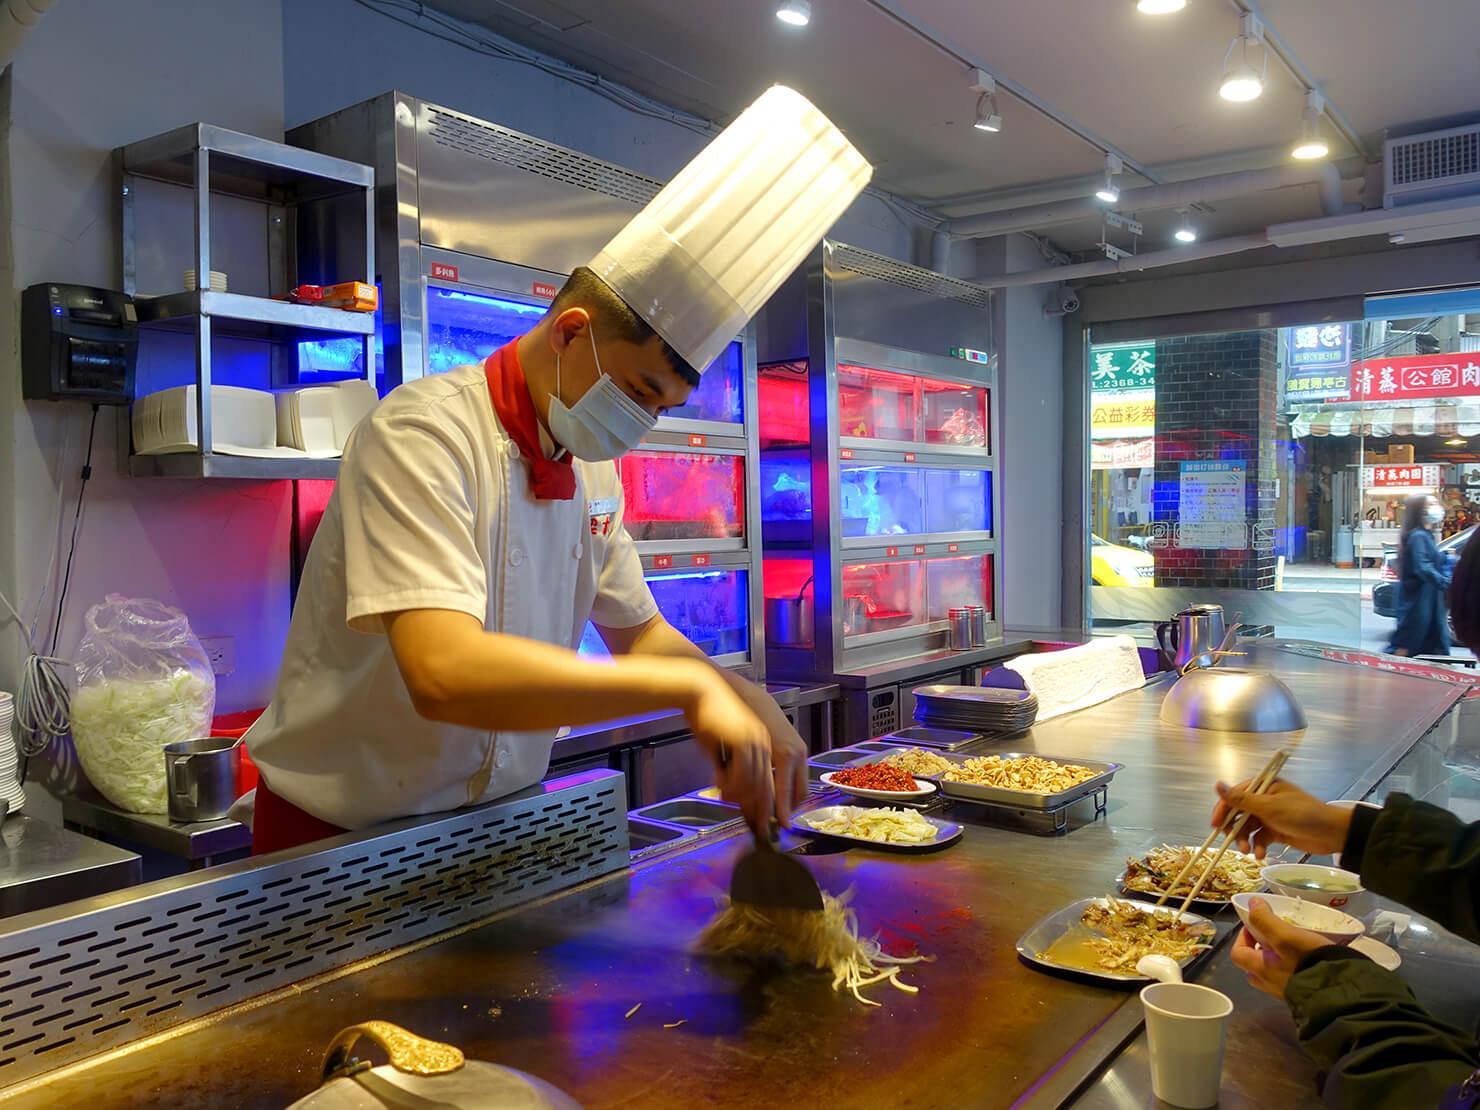 台北・公館夜市のおすすめグルメ店「喫尤平價鐵板燒」のシェフ